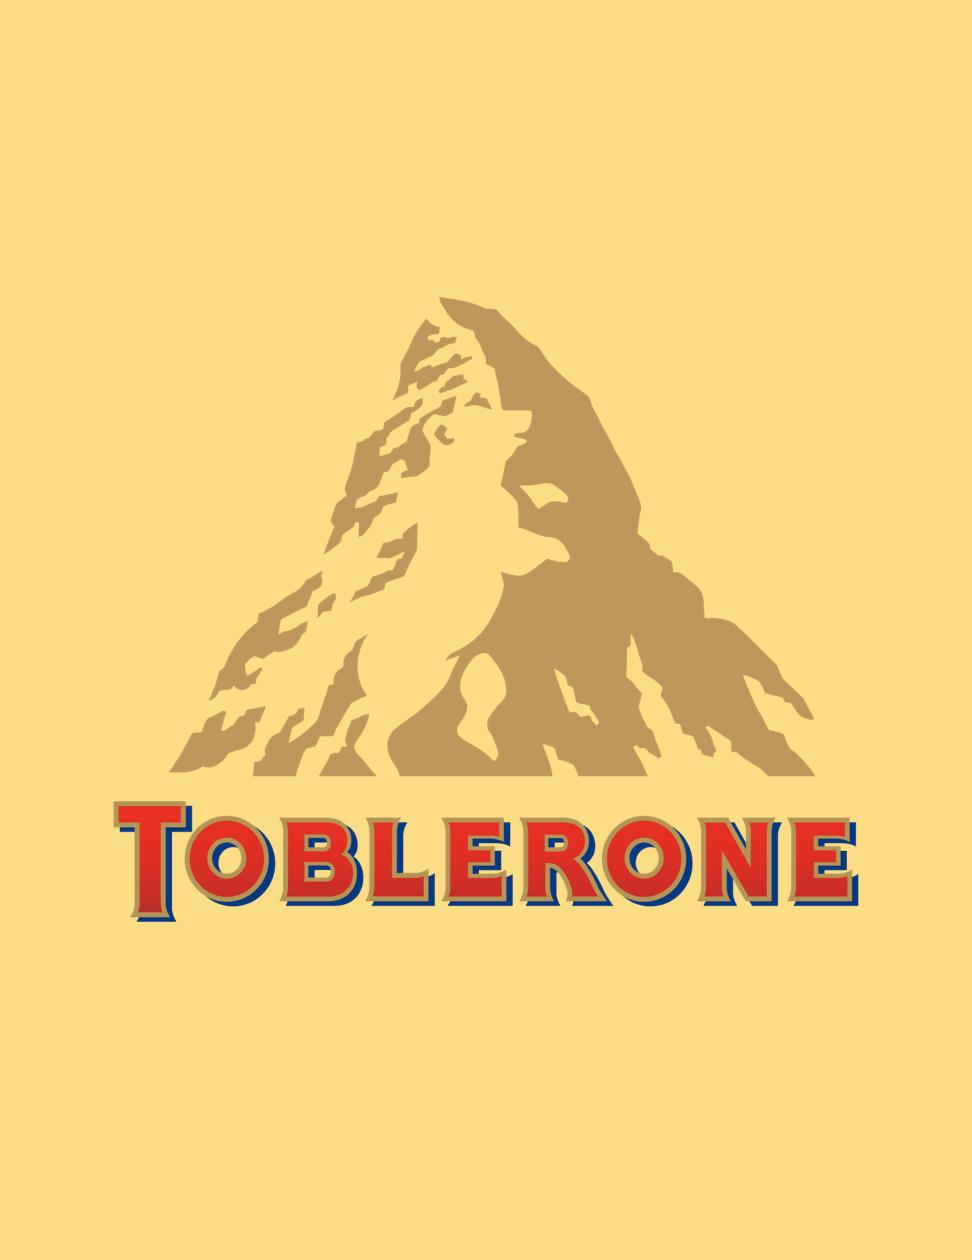 logo Toblerone kosten